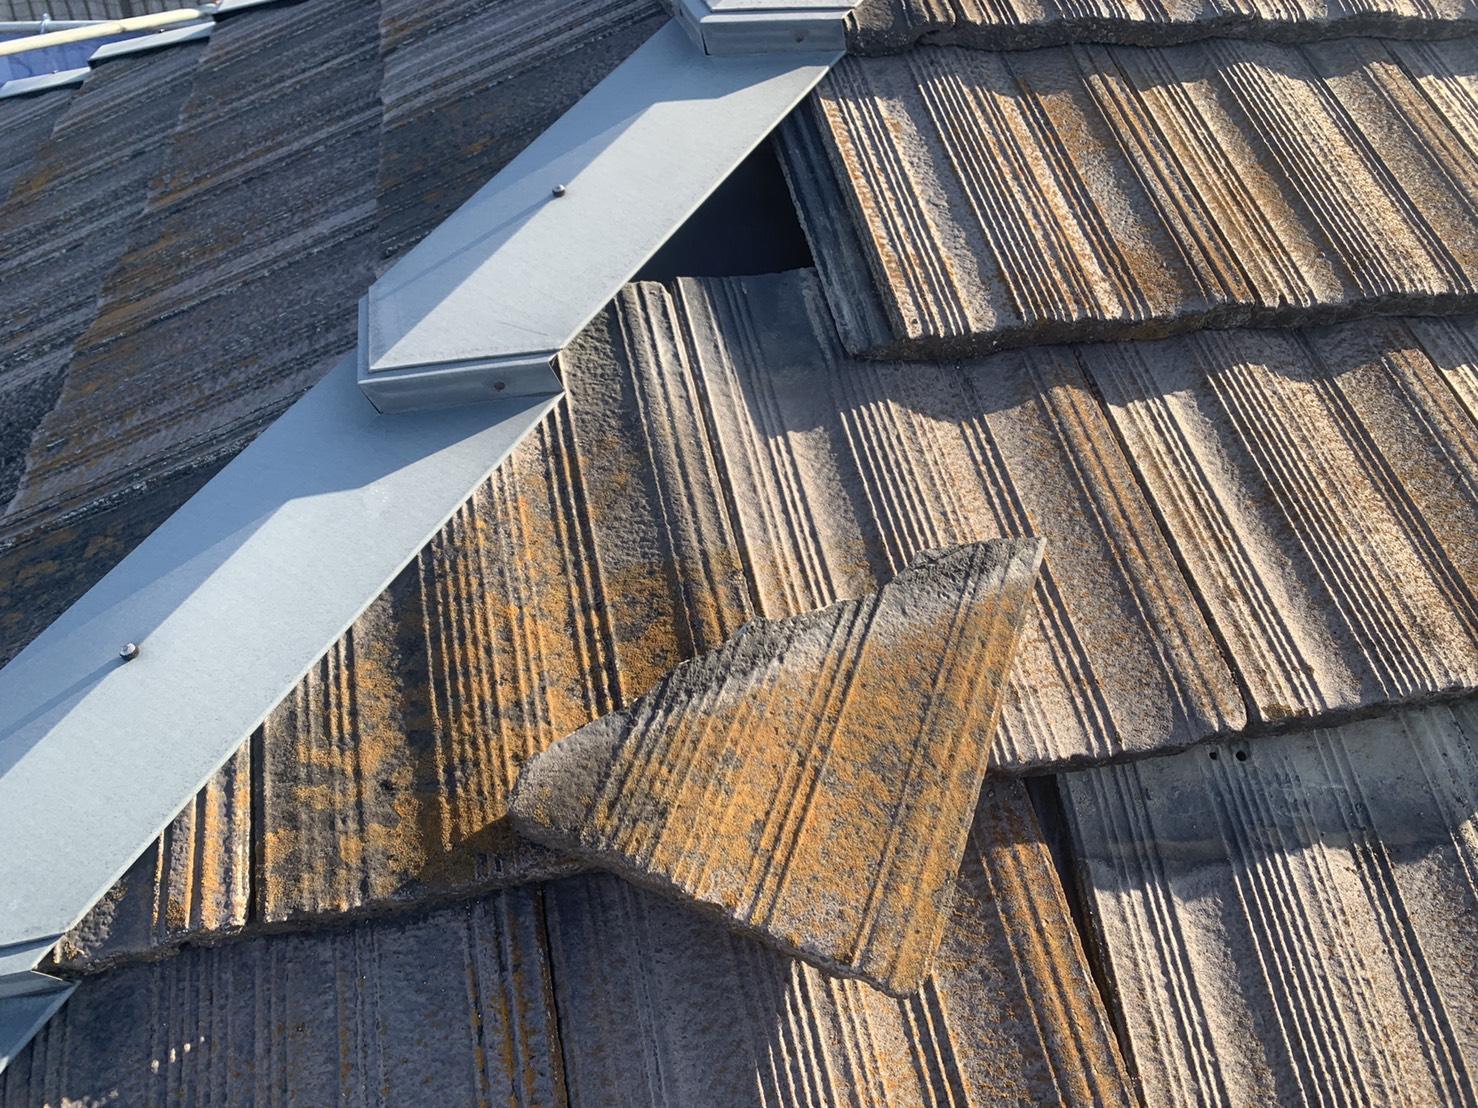 神戸市垂水区で、瓦屋根がズレている様子で落ちそうになっているセメント瓦